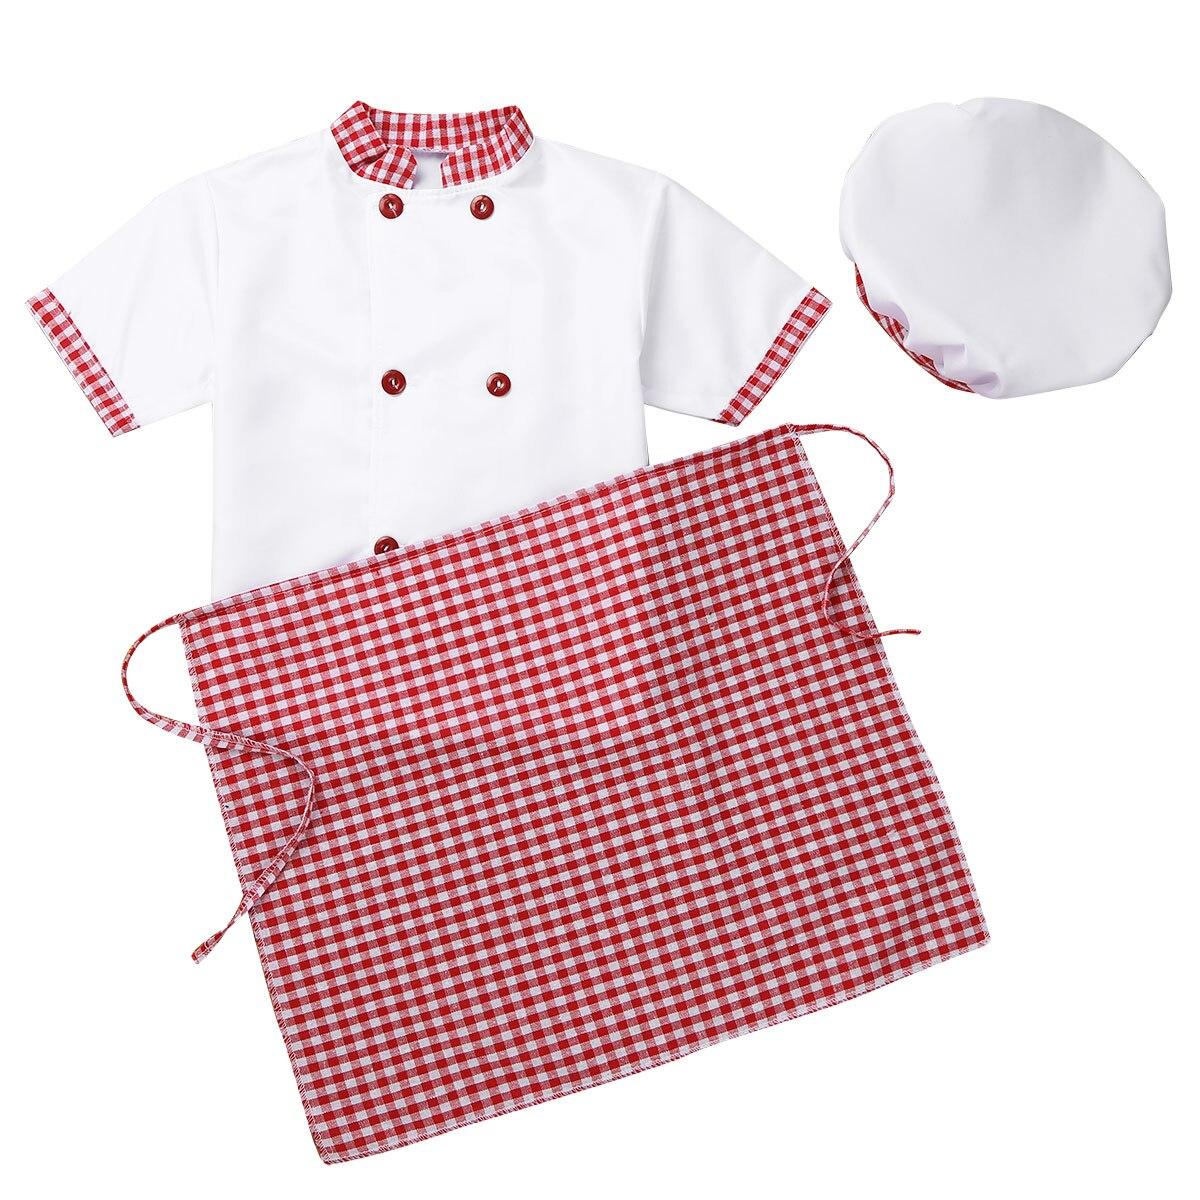 Одежда для повара картинка для детей